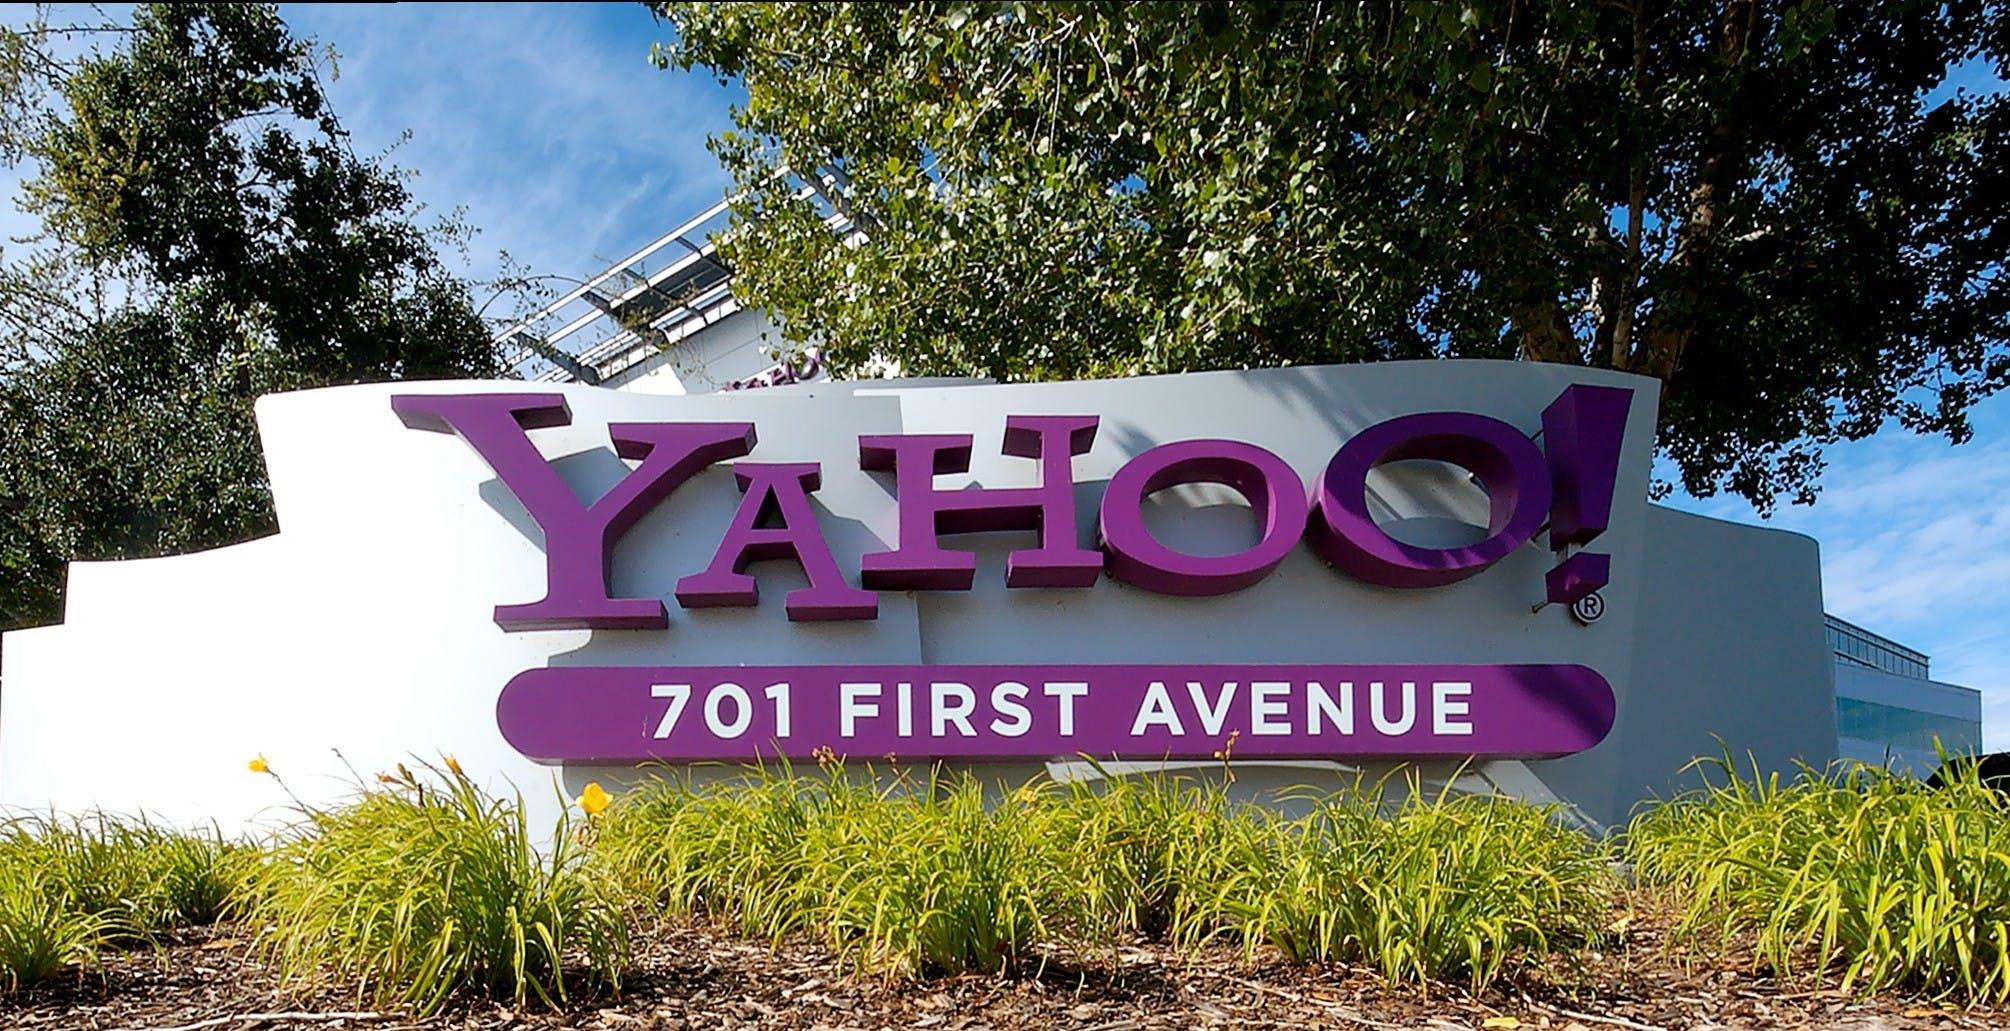 Addio, Yahoo Answers: chiuderà a maggio